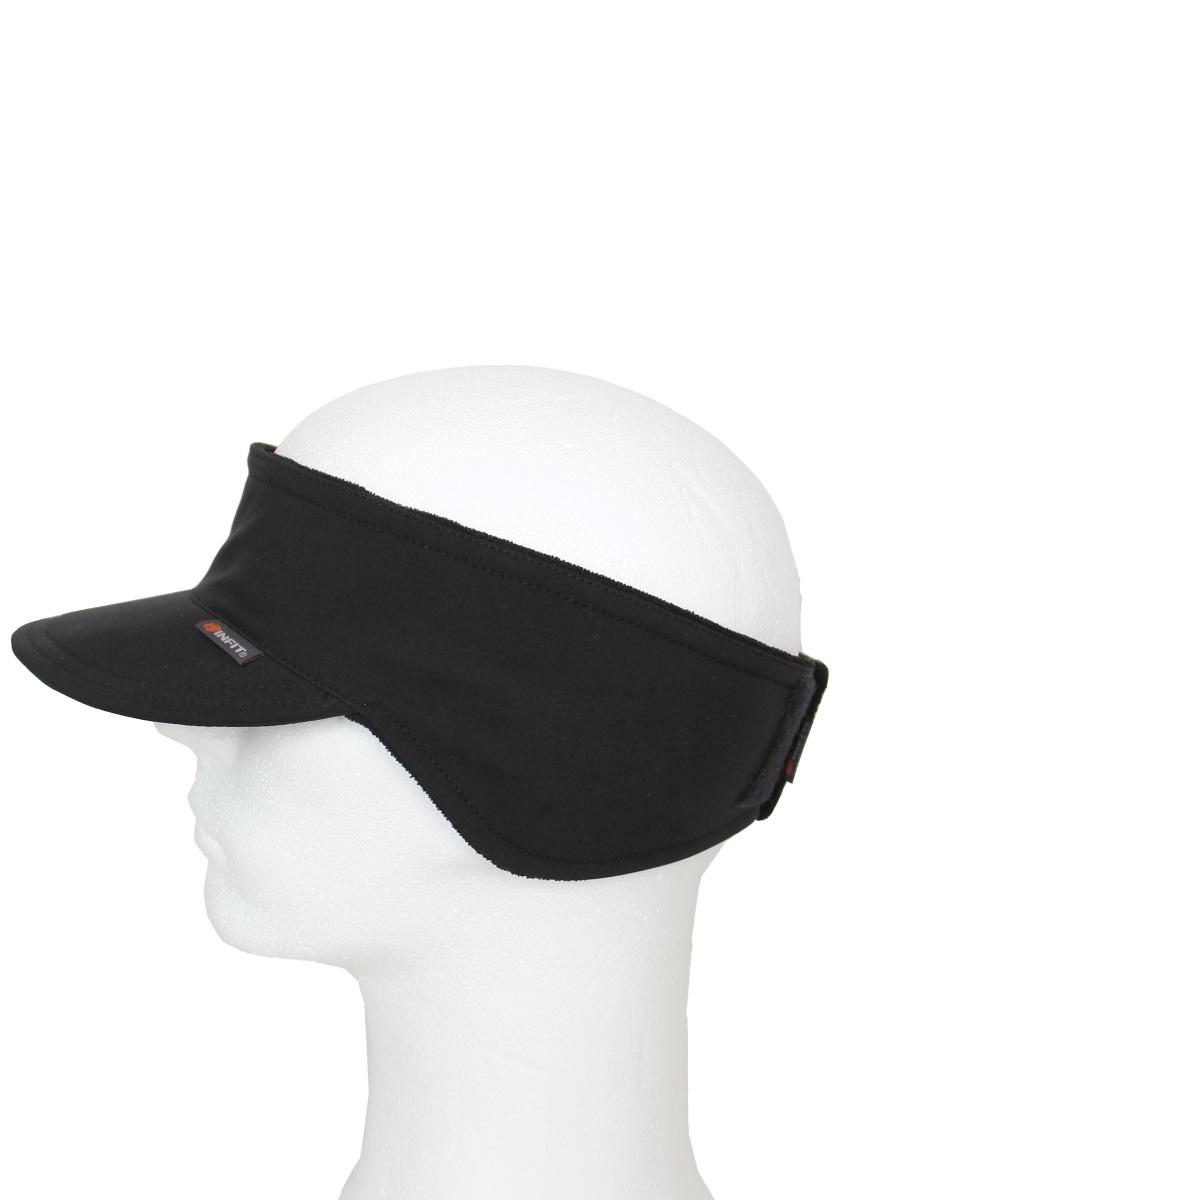 9374874805c Sportovní soft shell čelenka s membránou